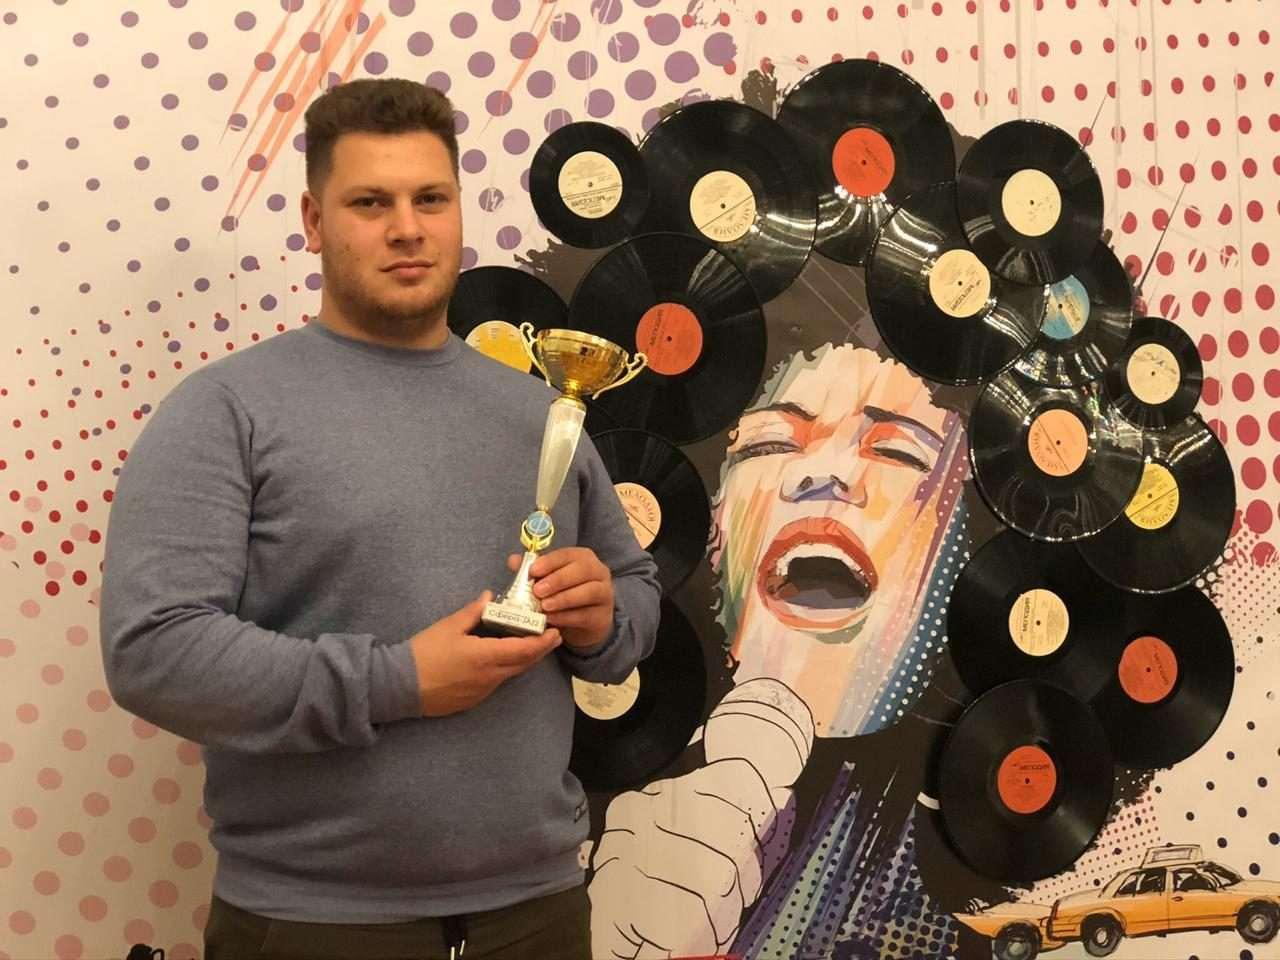 Марсэль Юрьевич принял участие в I фестивале эстрадно-джазовой музыки «СФЕРА-JAZZ» в г. Хабаровске